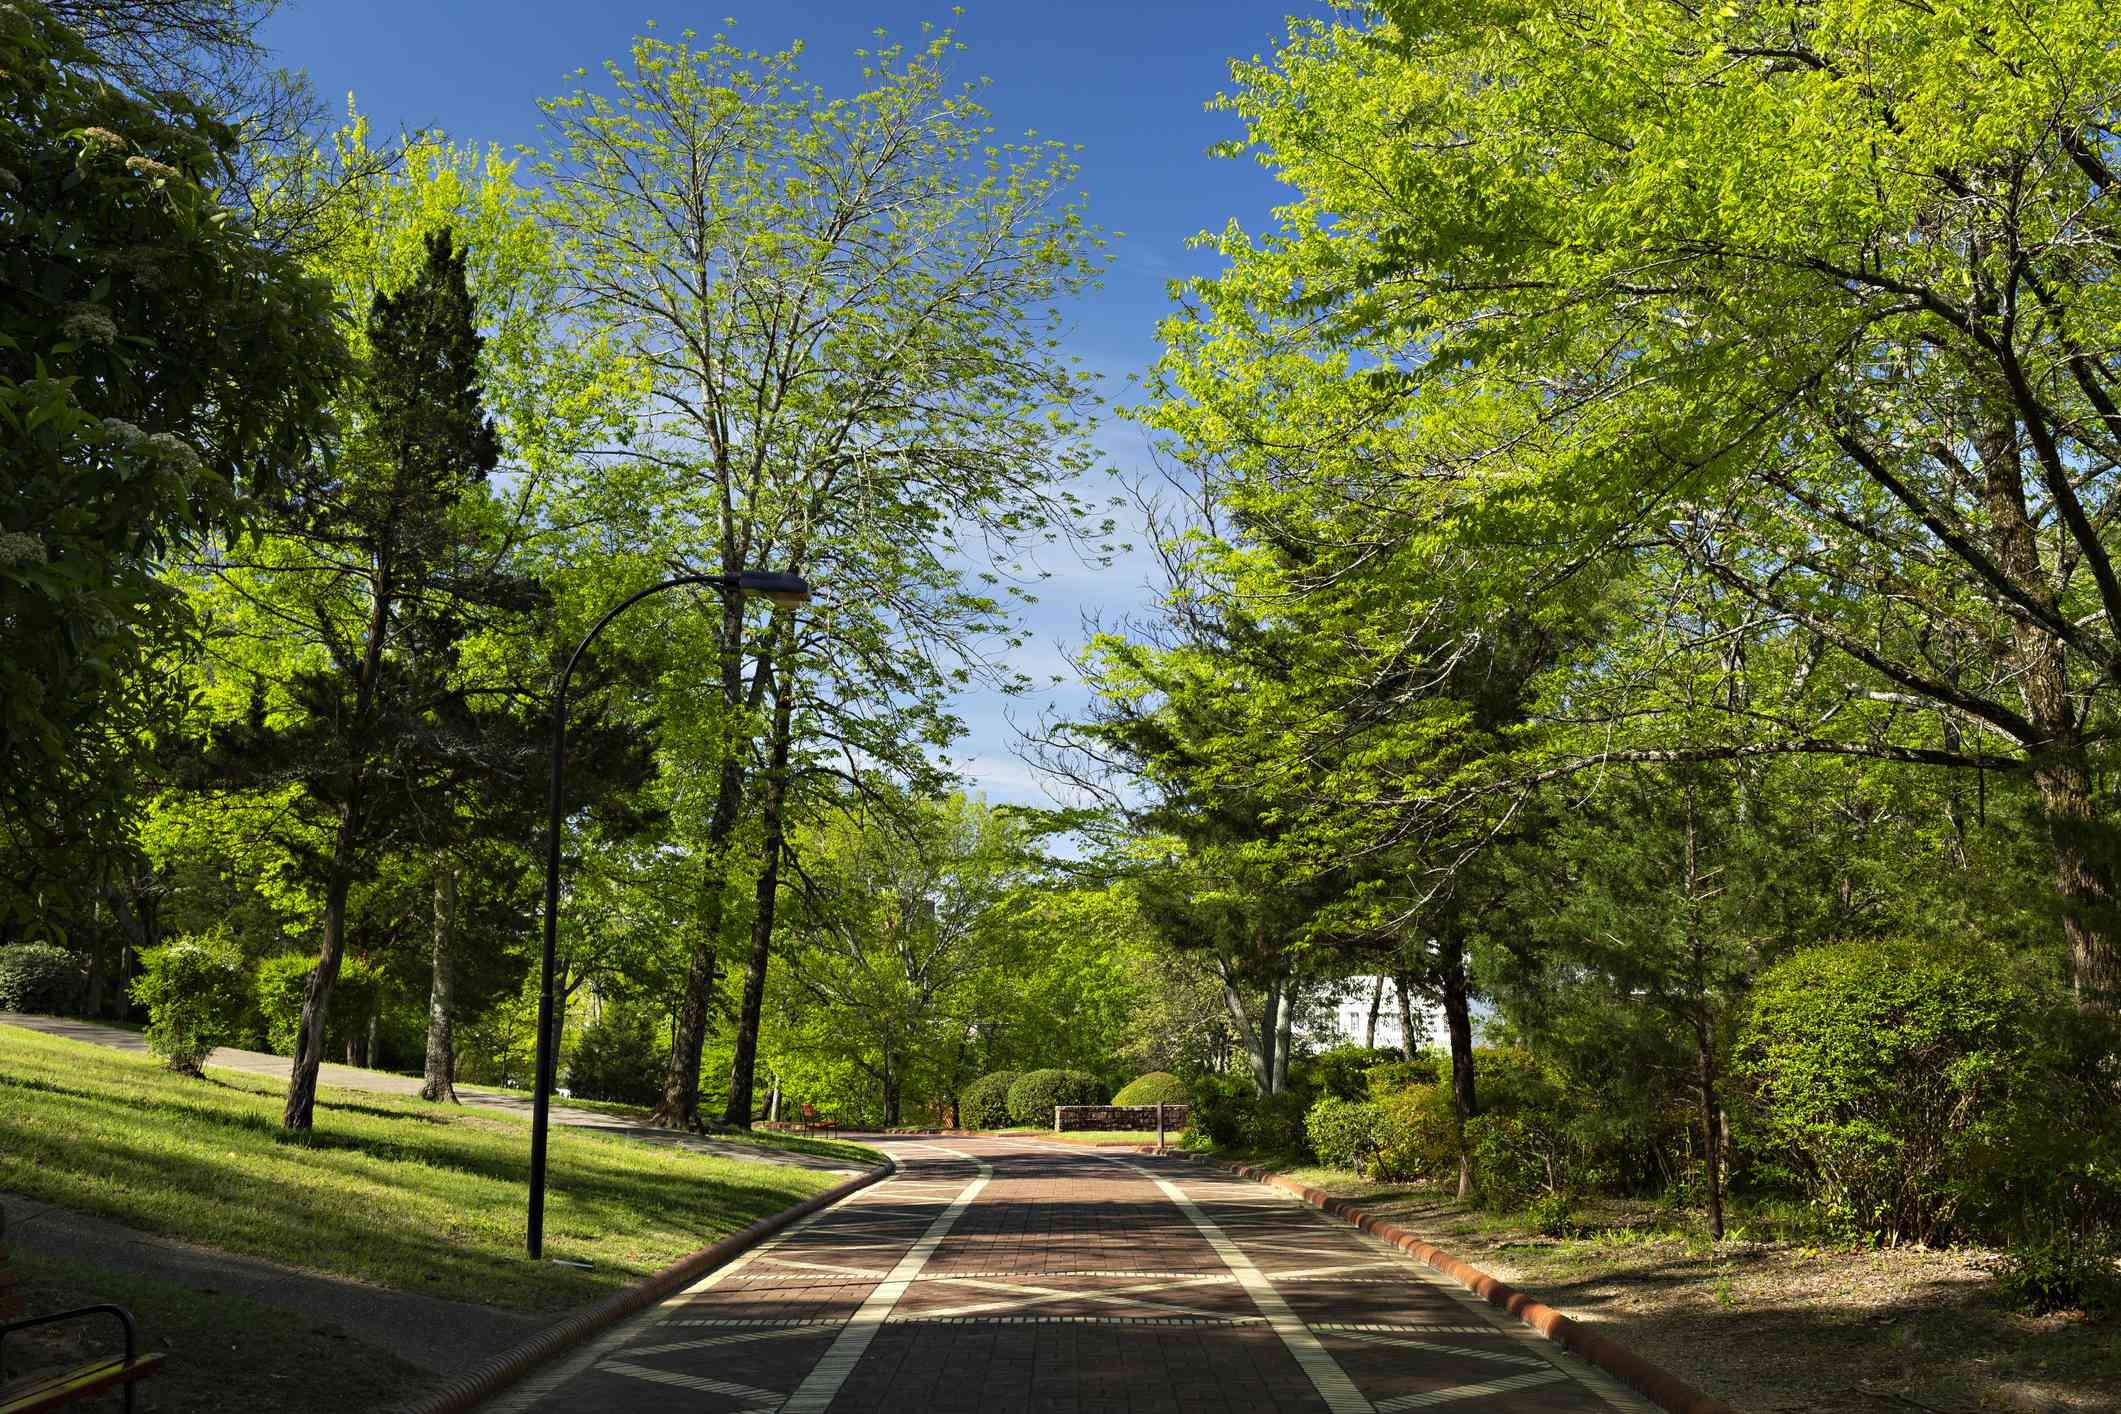 Grand Promenade in Hot Springs National Park in Arkansas